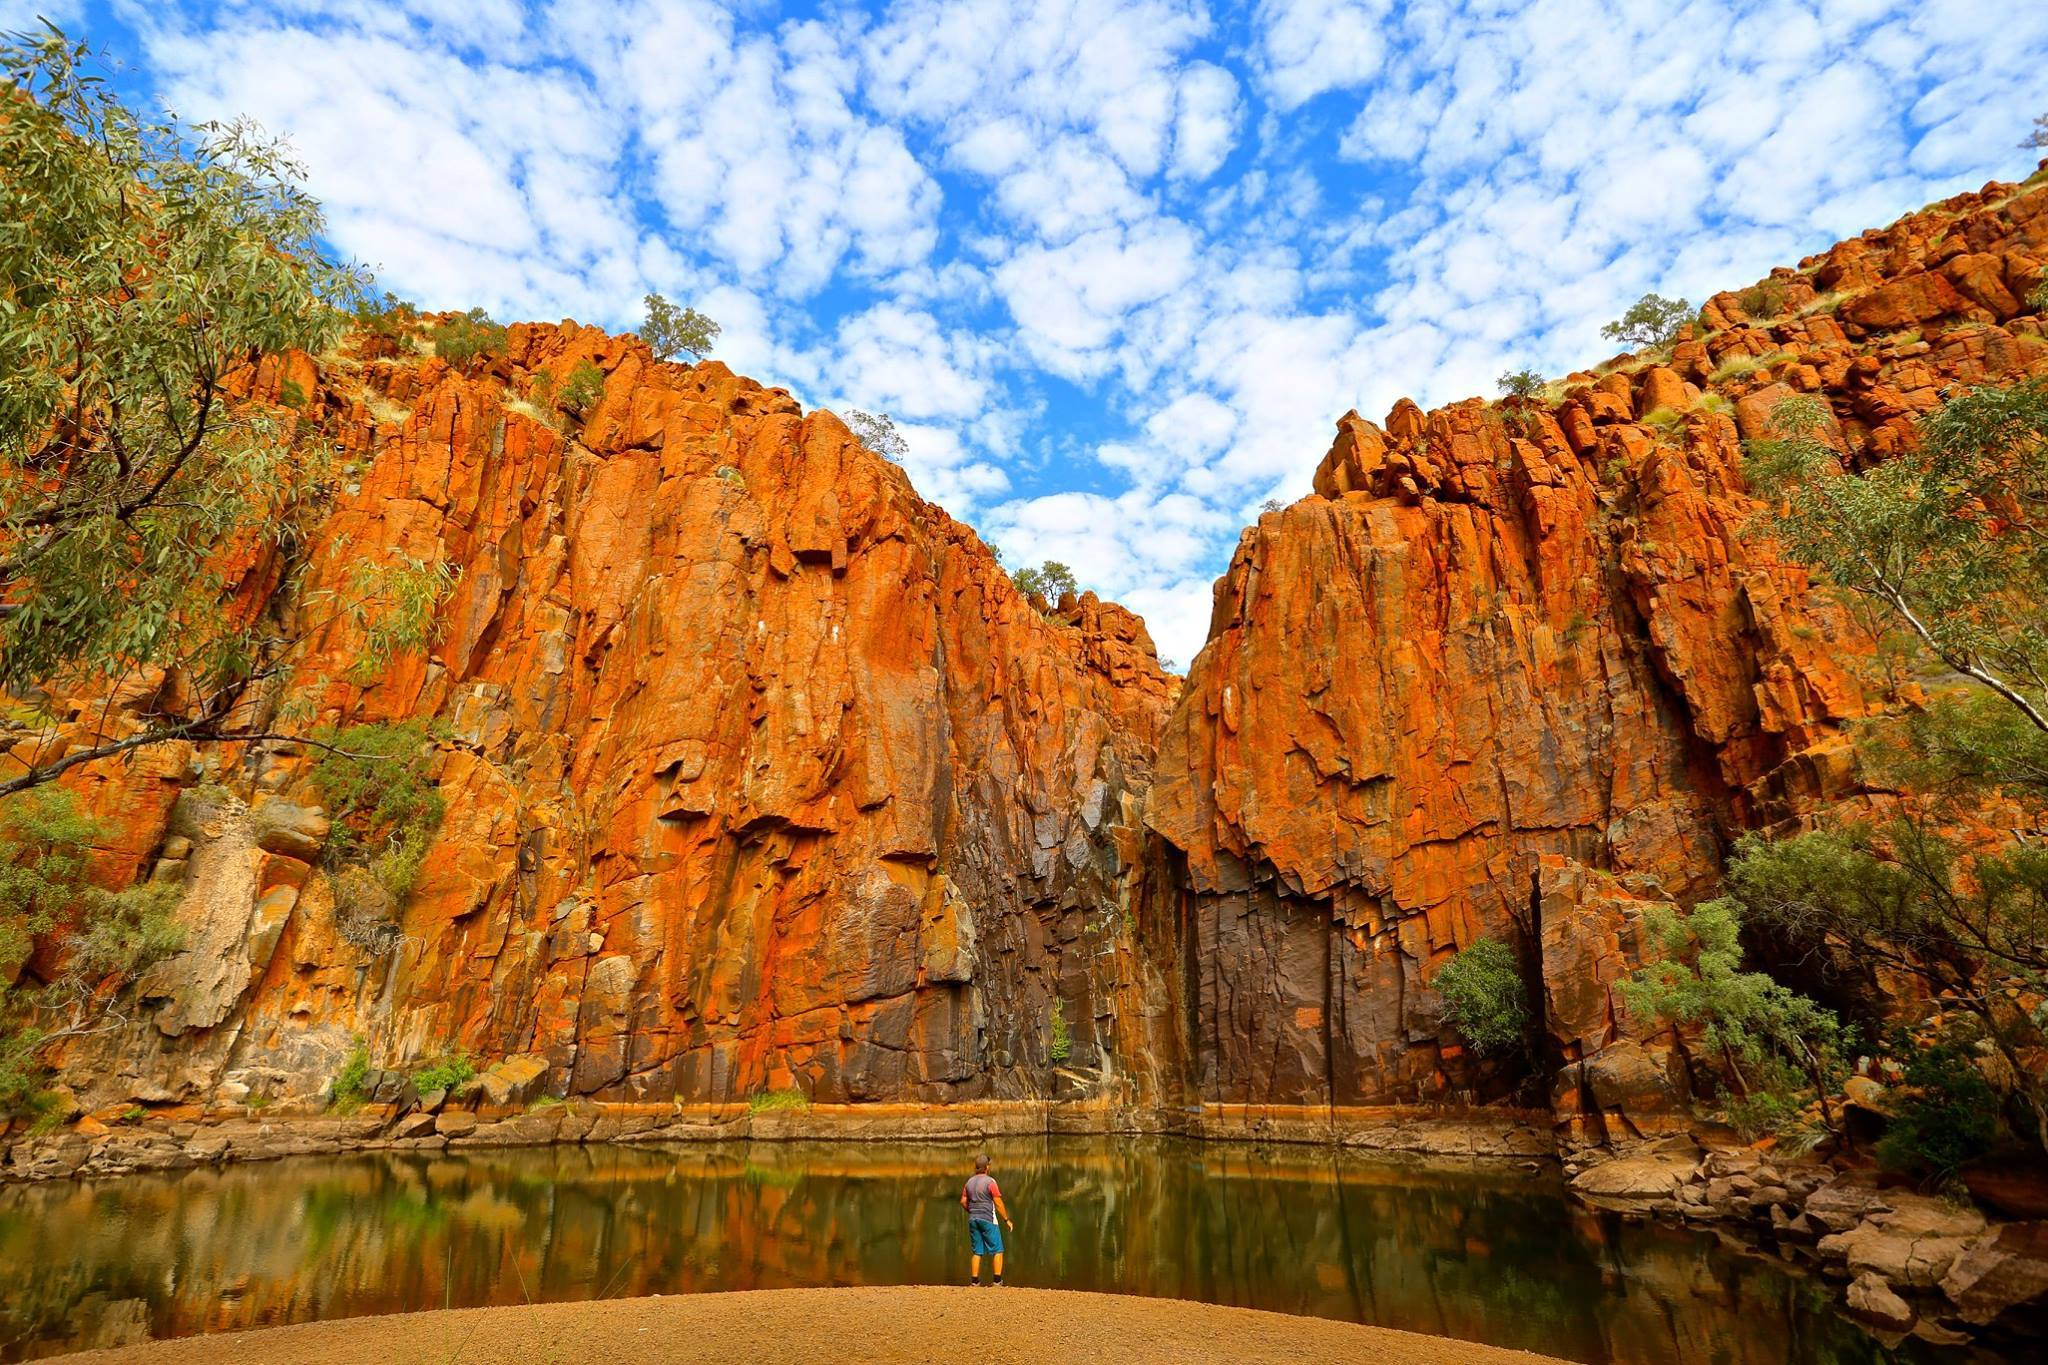 Millstream Chichester National Park - Photo credit: Australia.com